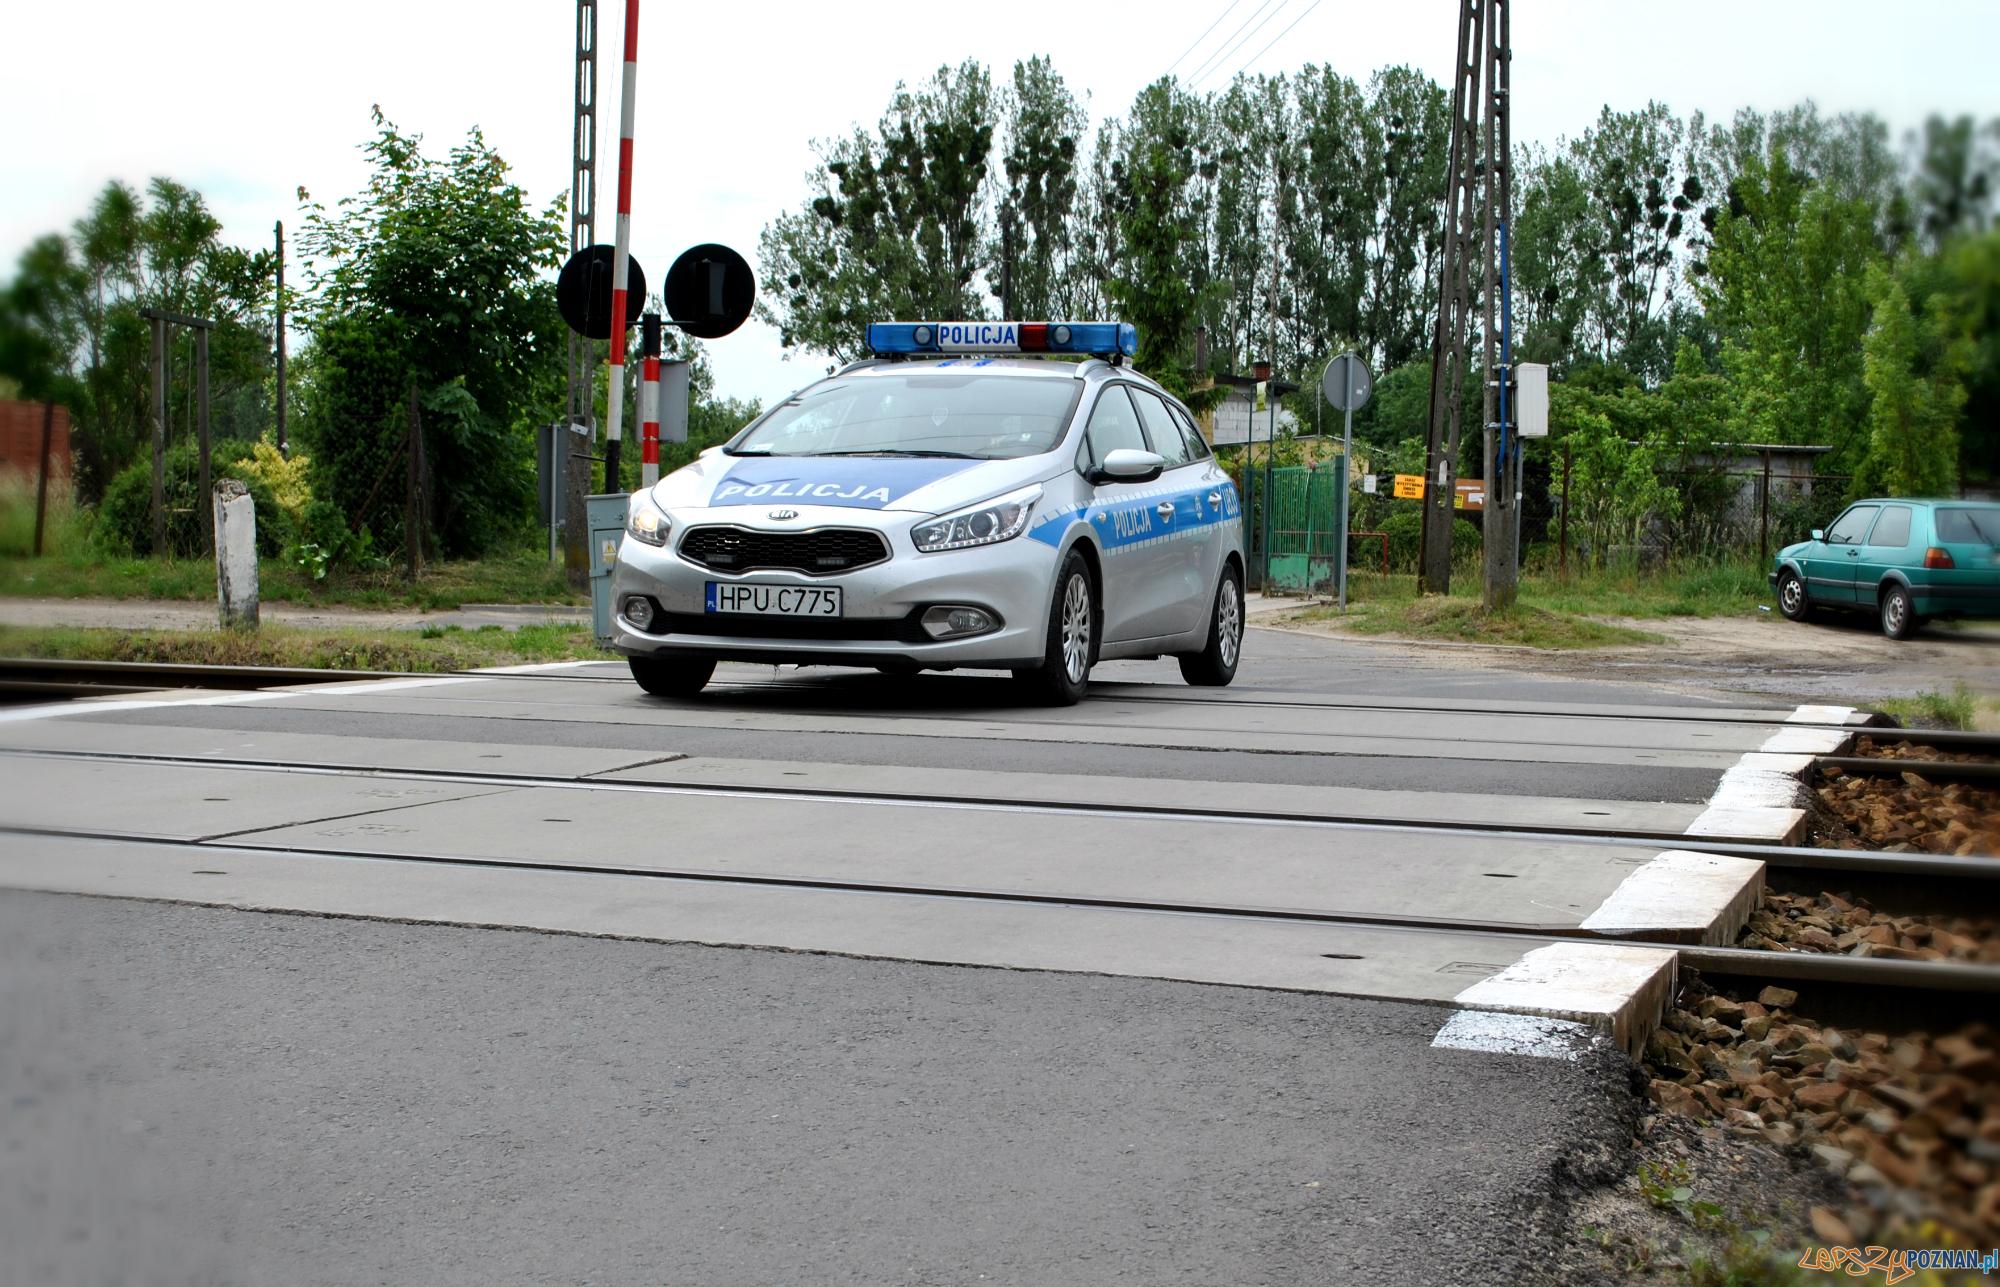 Szlaban na ryzyko - kontrole przy przejazdach kolejowych  Foto: KWP